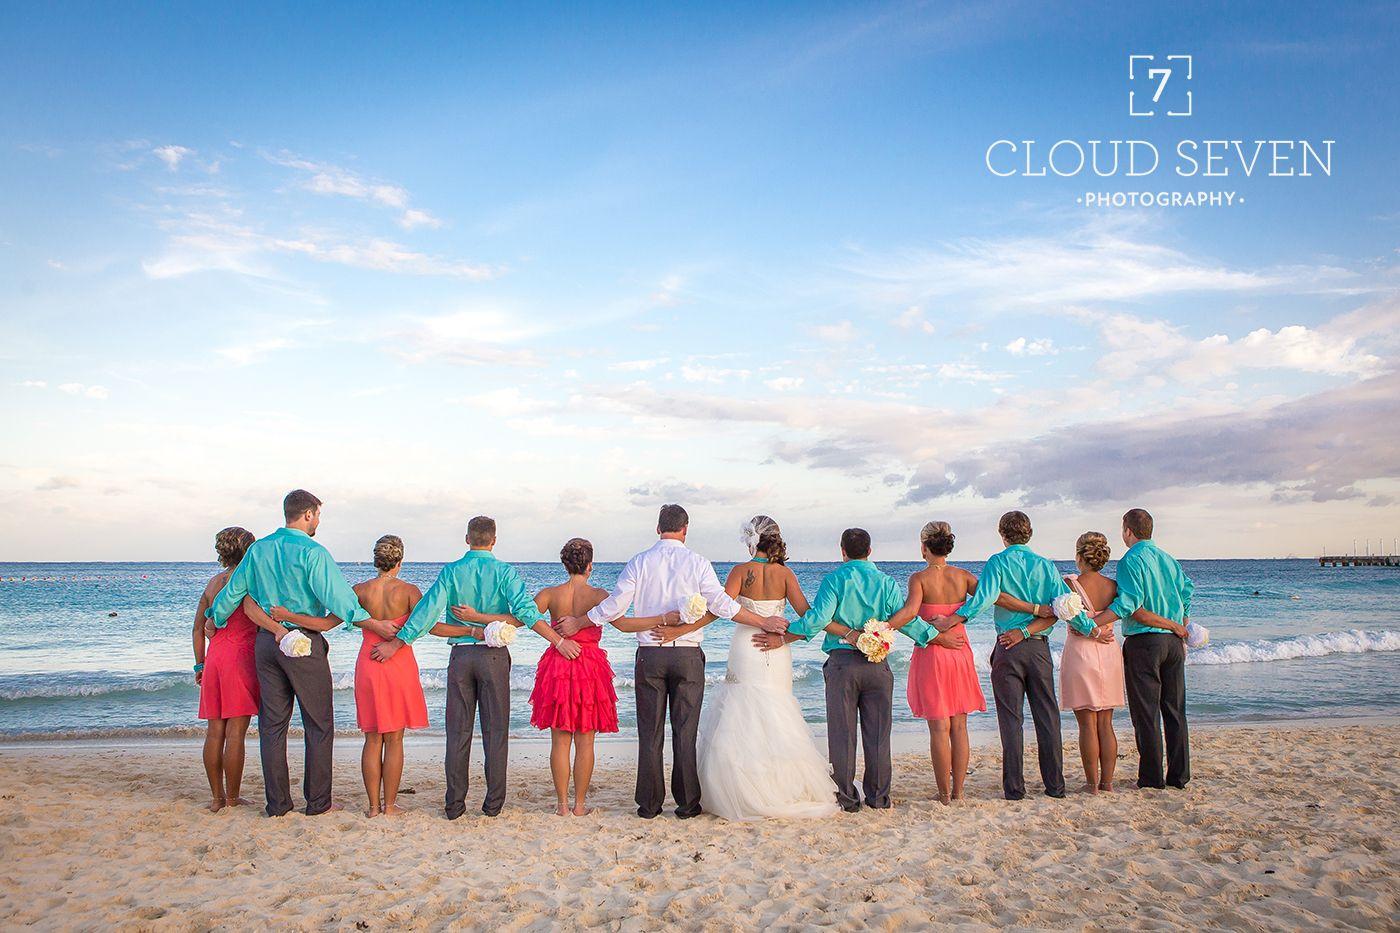 Wedding Photography Photos Destination Bridal Party Beach